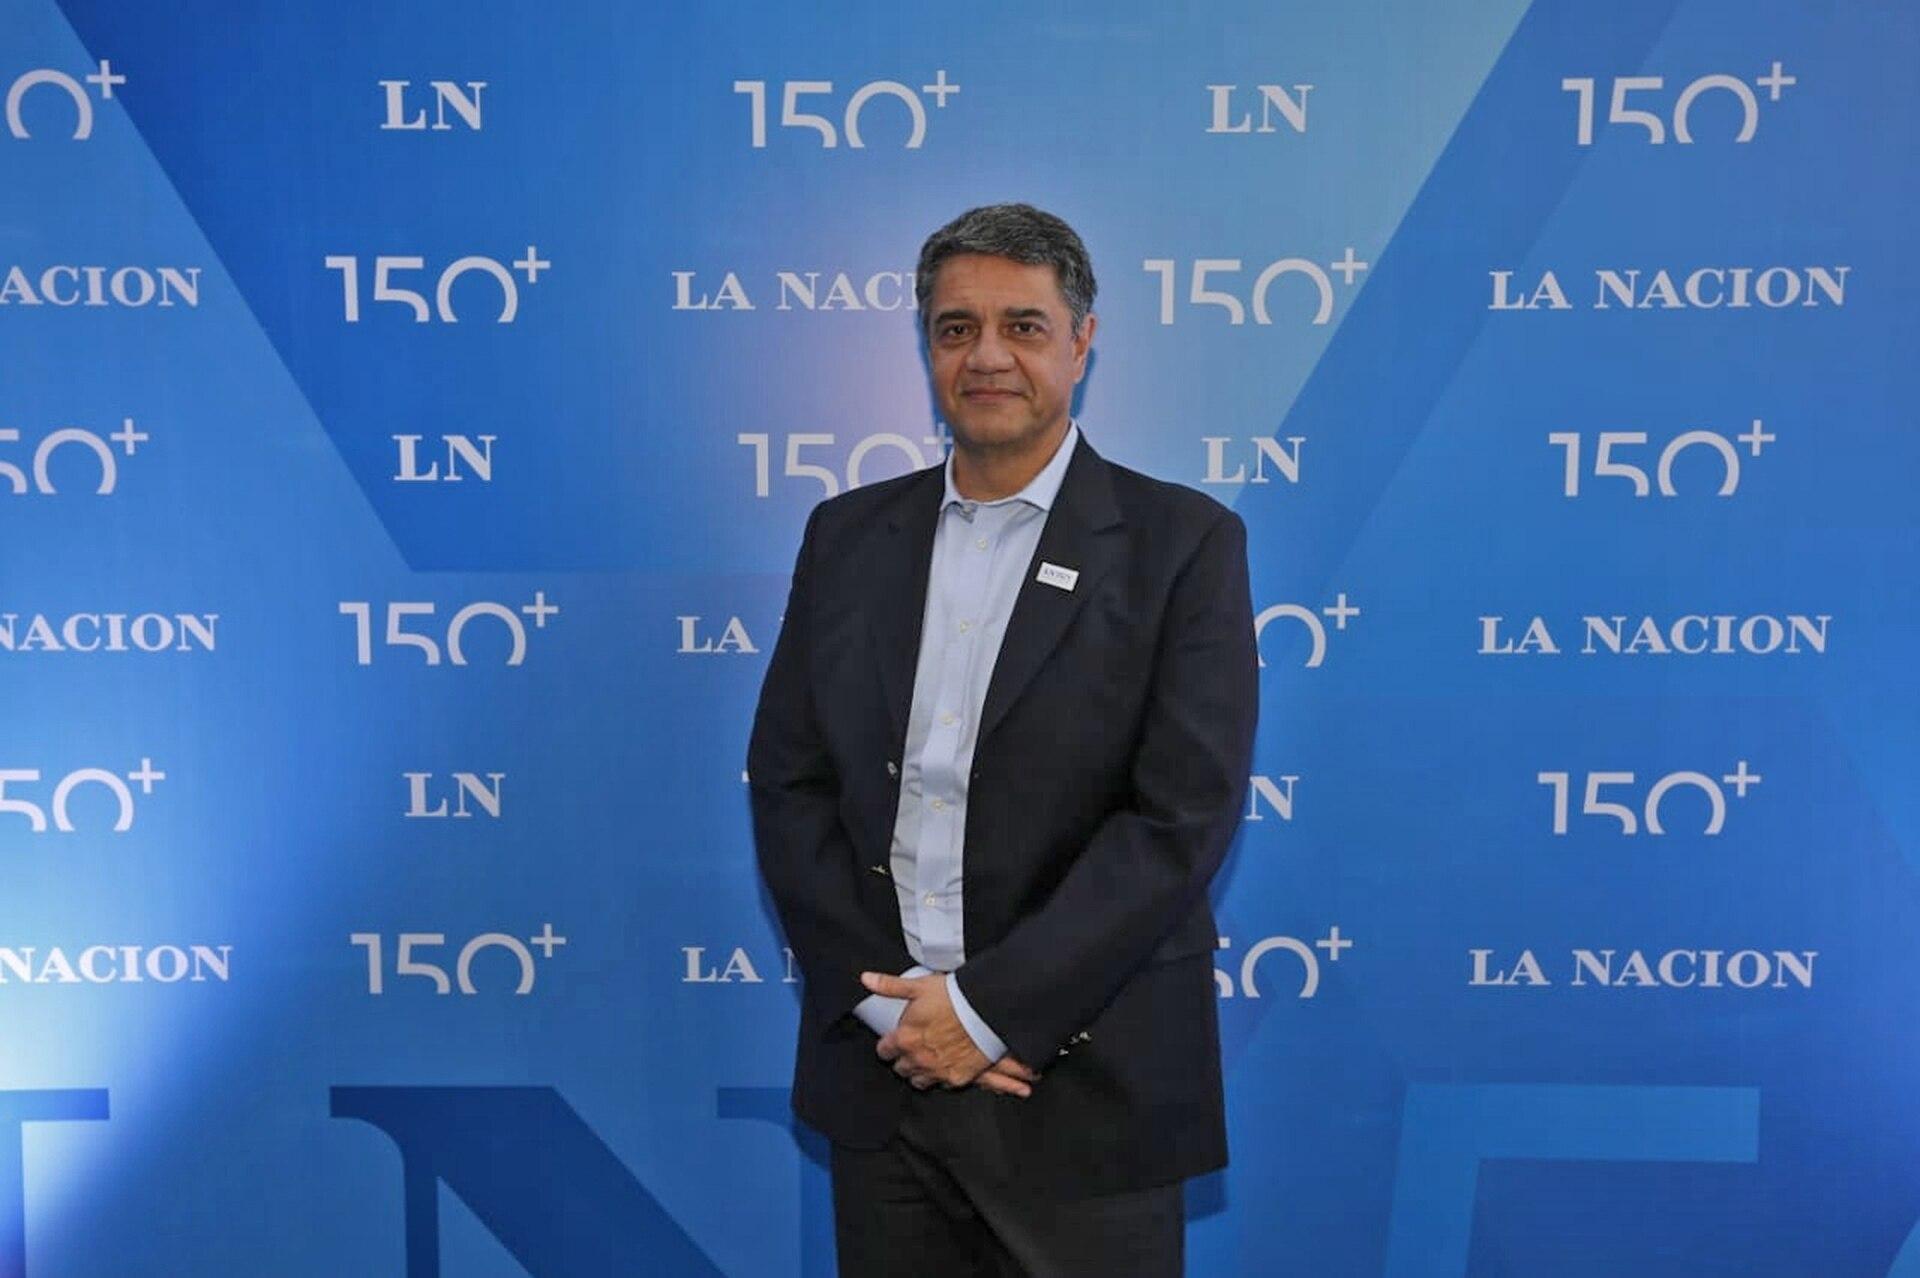 El intendente del partido de Vicente López, Jorge Macri, en la blue carpet de la celebración de los 150 años de LA NACION